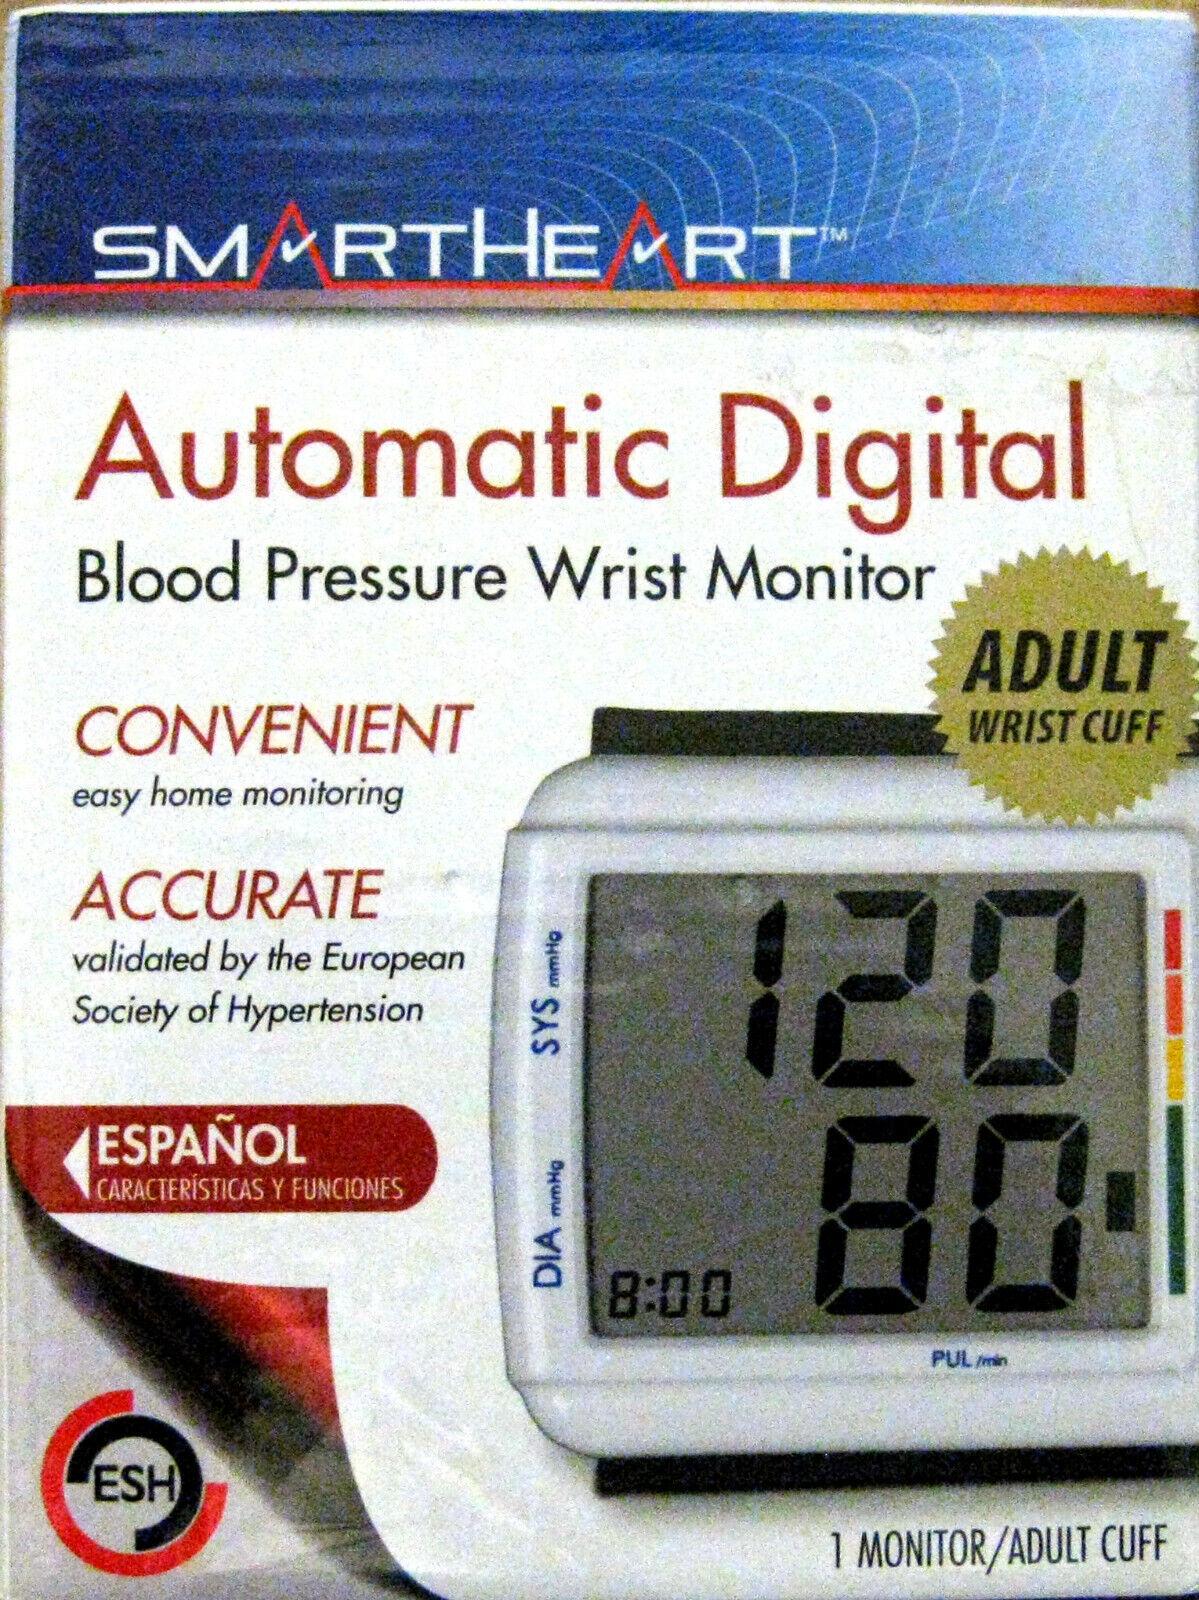 Veridian Healthcare 01-540 Smartheart Wrist Digital Blood Pr